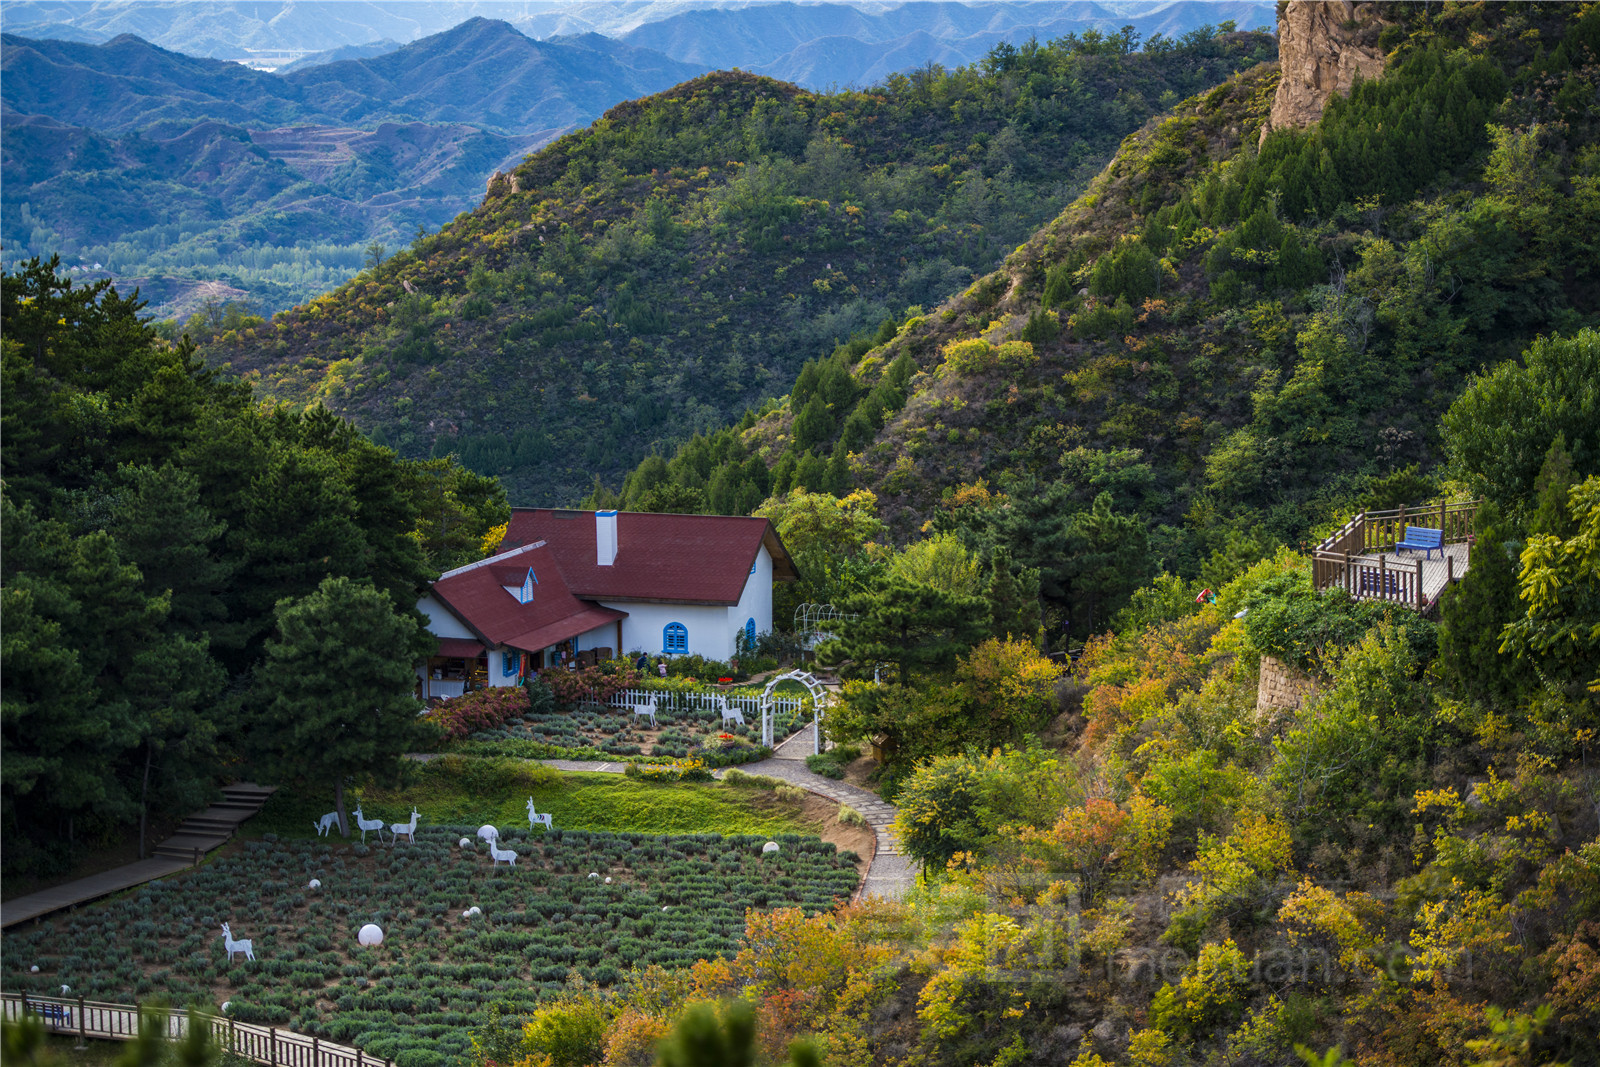 【北京】京郊游去哪儿?仙境般的景点大推荐